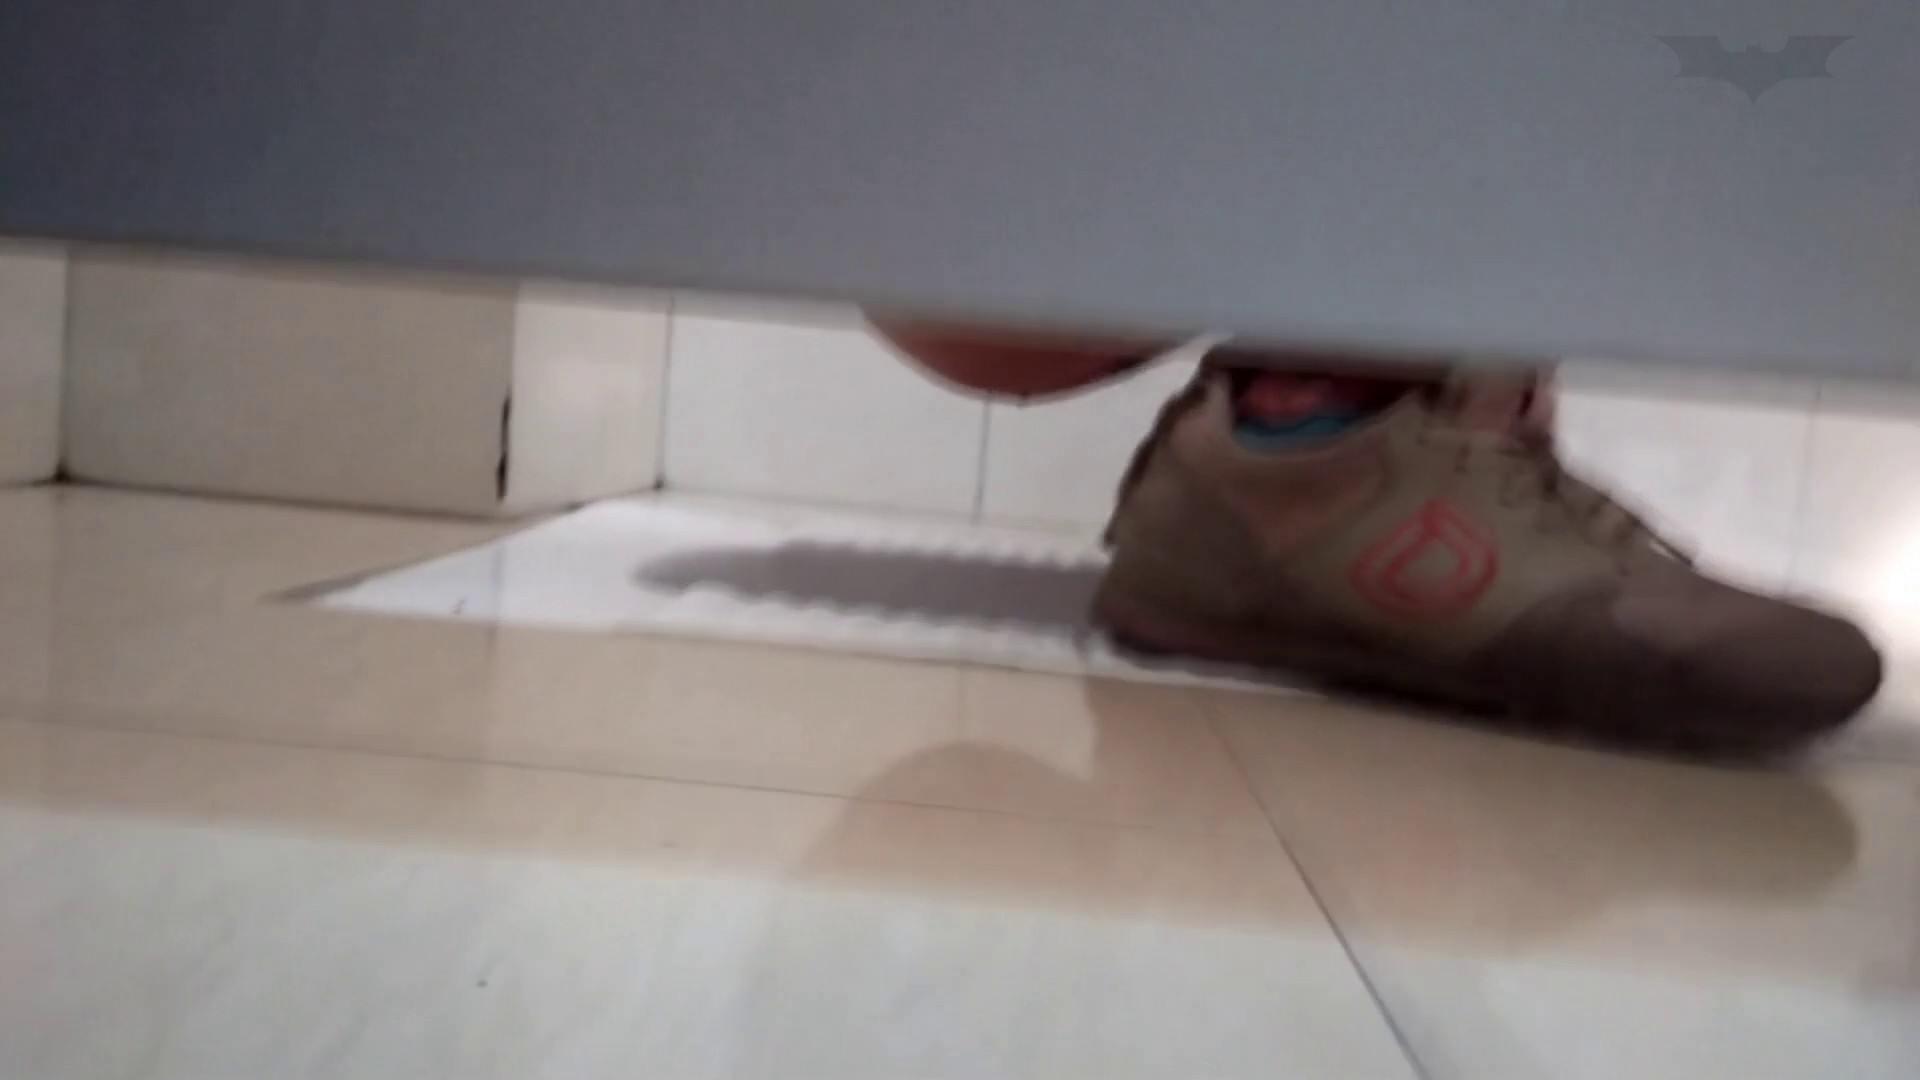 芸術大学ガチ潜入盗撮 JD盗撮 美女の洗面所の秘密 Vol.97 女性トイレ アダルト動画キャプチャ 97pic 55